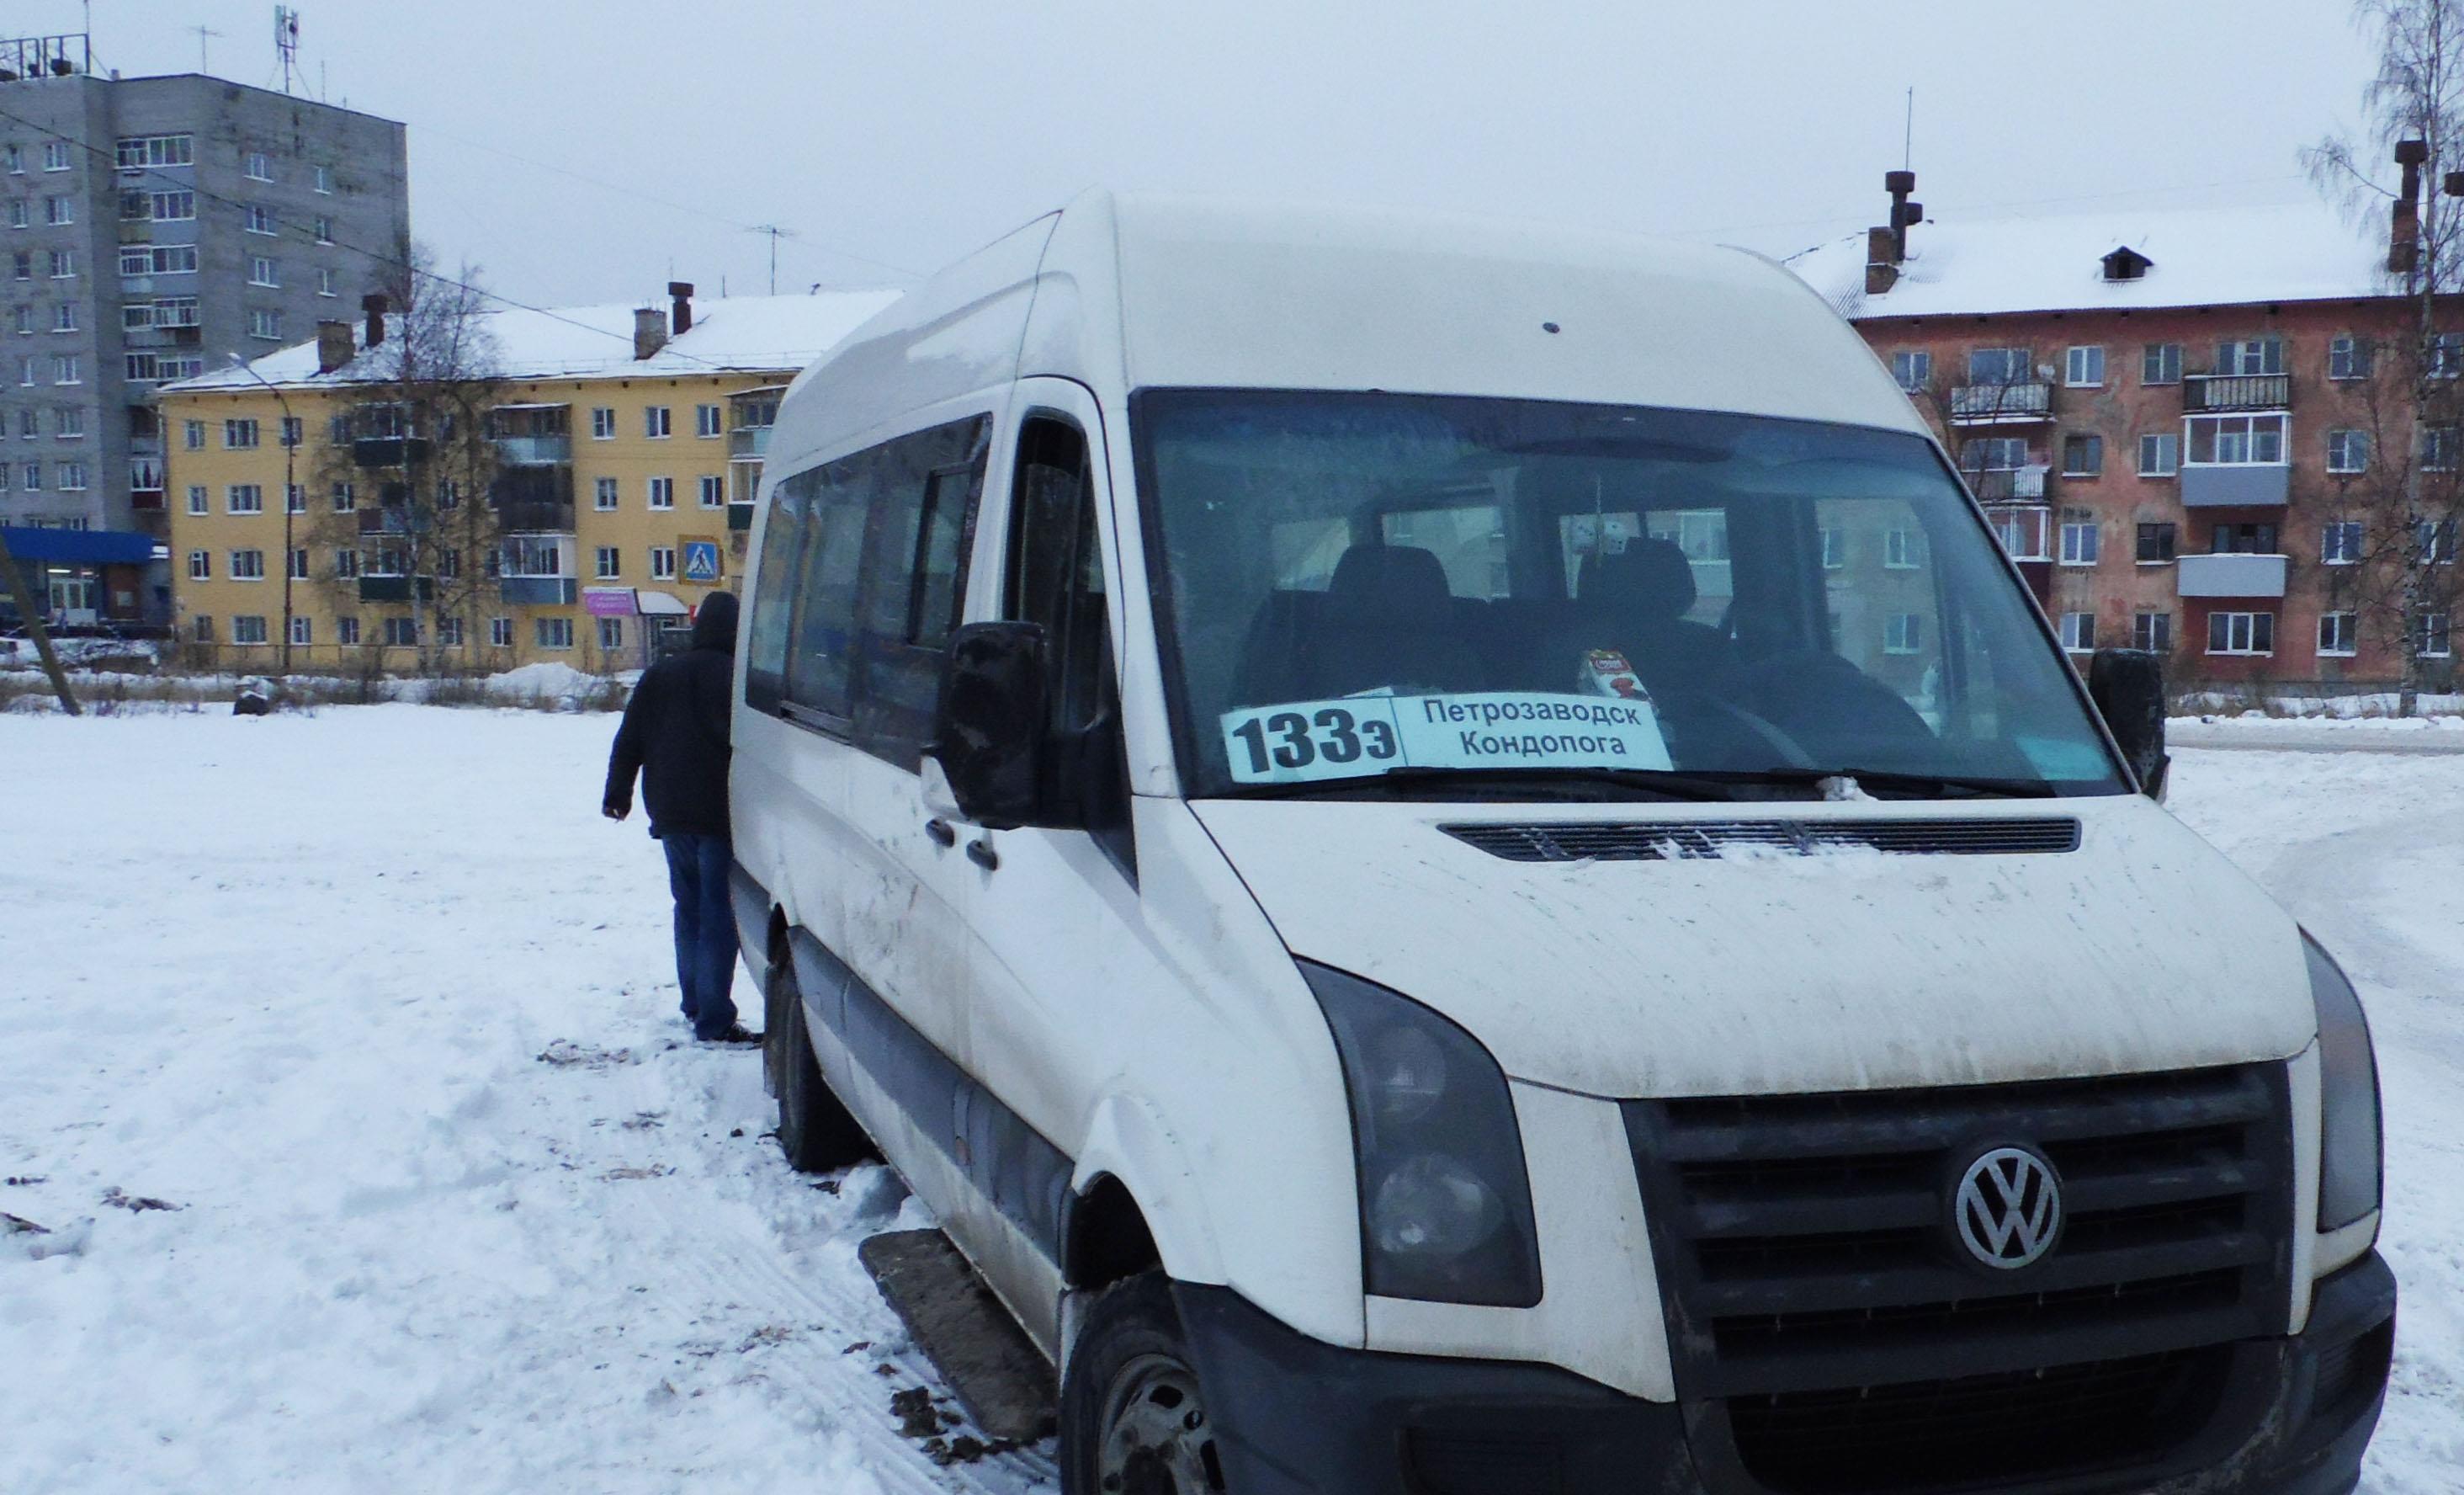 """Микроавтобус фирмы """"Признание"""". Фото: Алексей Владимиров"""